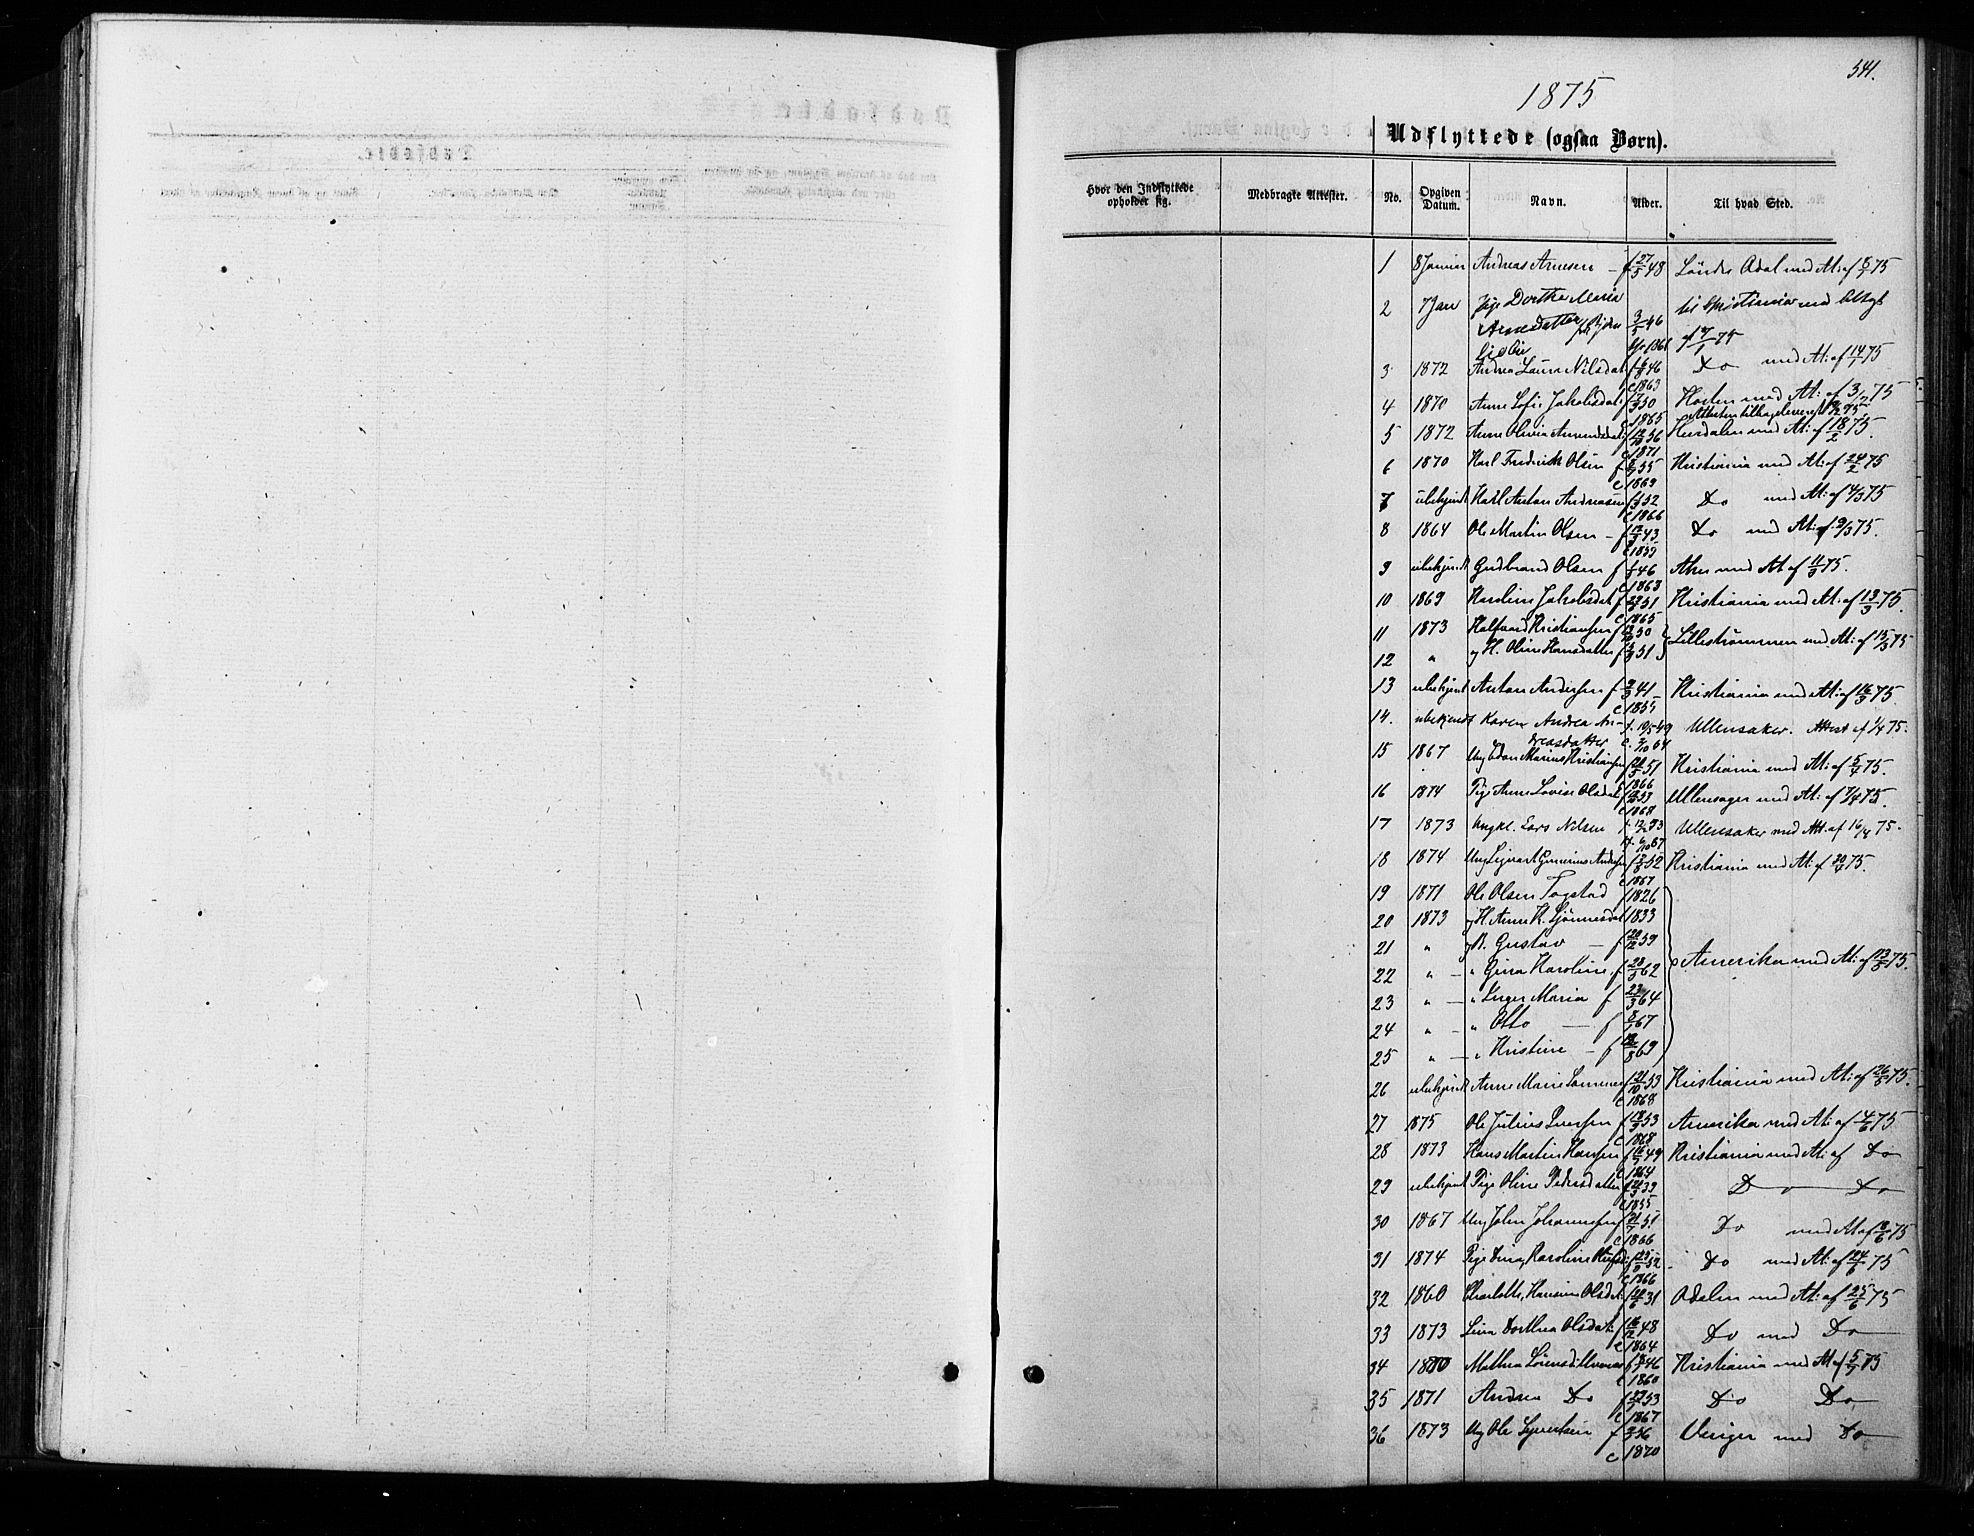 SAO, Nes prestekontor Kirkebøker, F/Fa/L0009: Ministerialbok nr. I 9, 1875-1882, s. 541